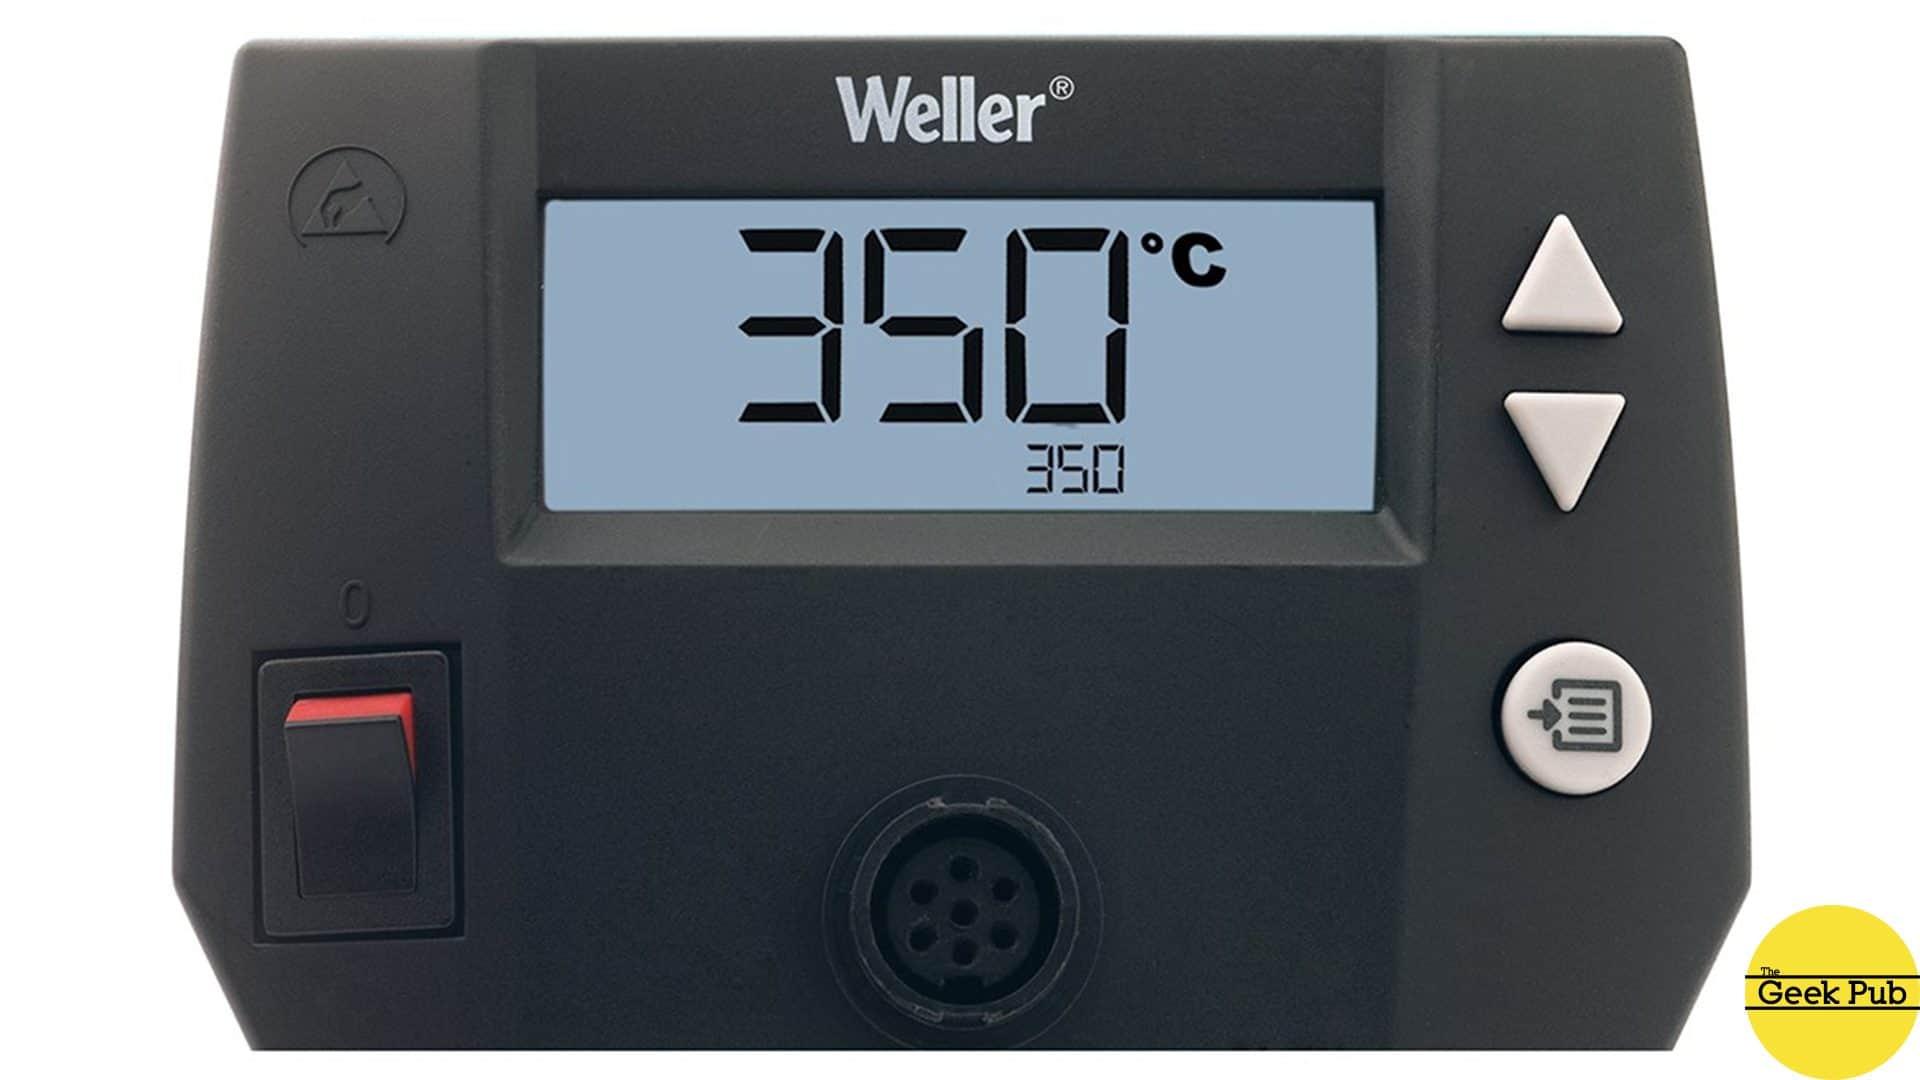 variable temperature controls